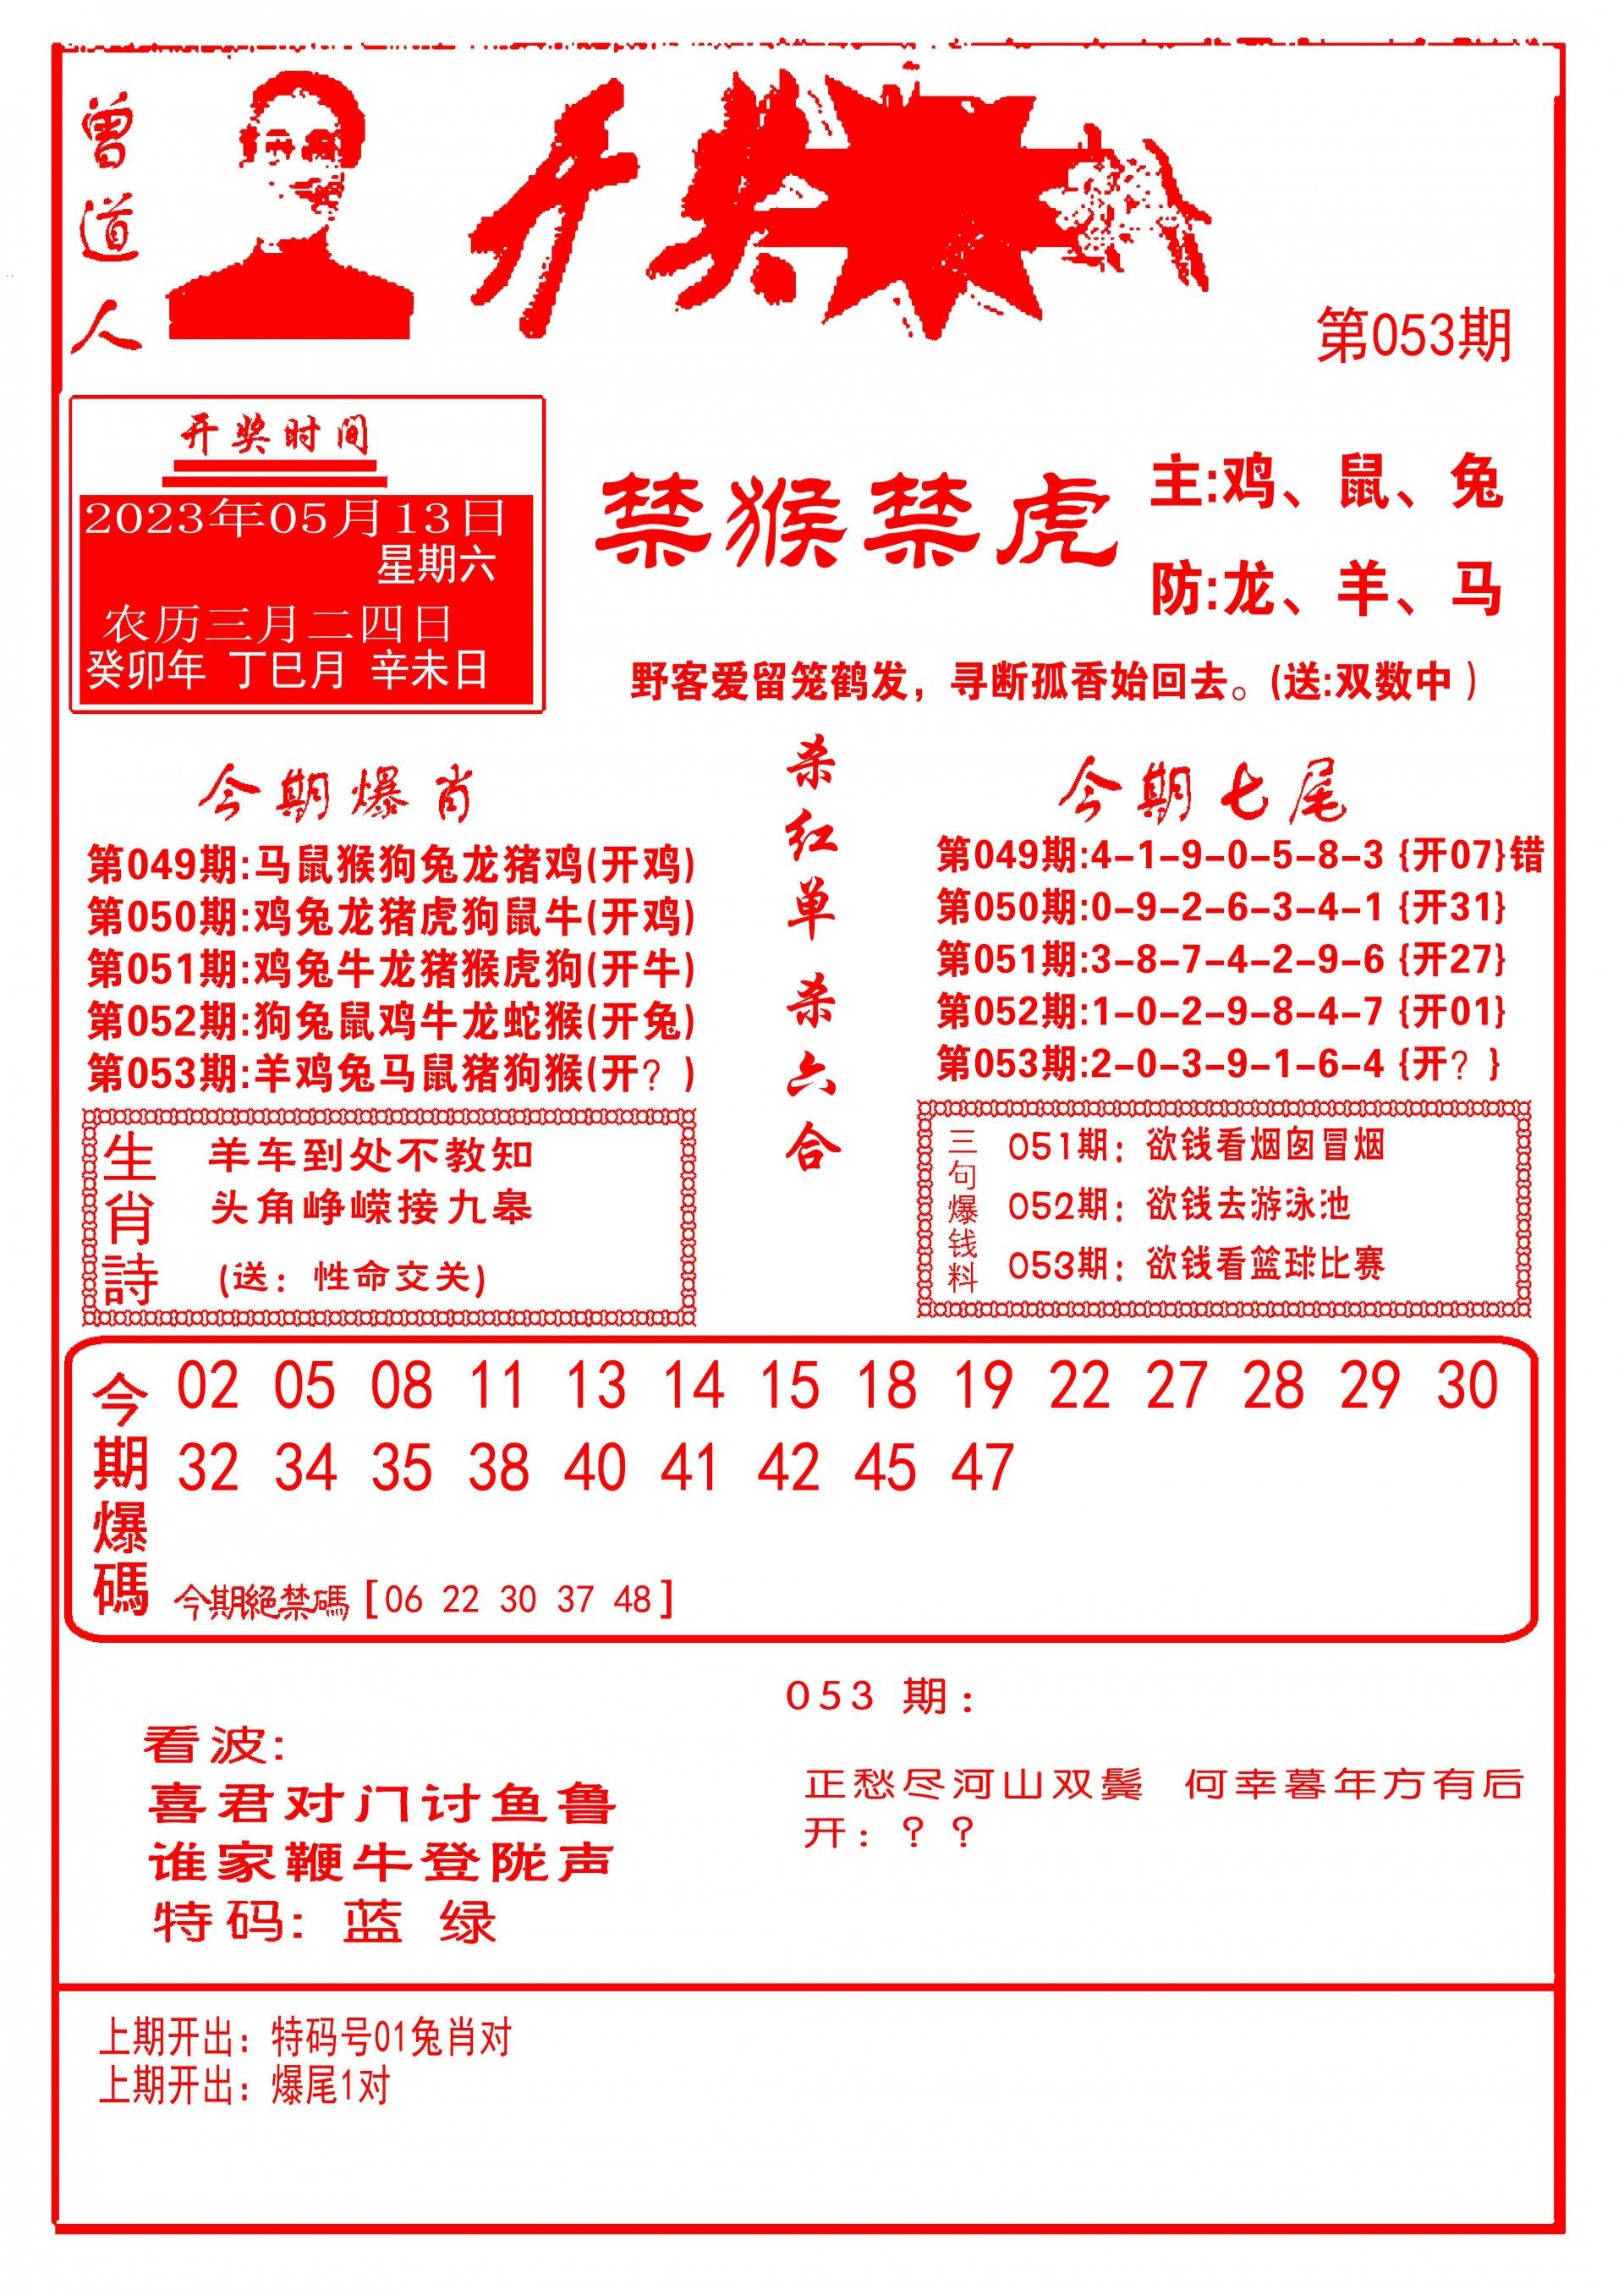 053期开奖爆料(新图推荐)